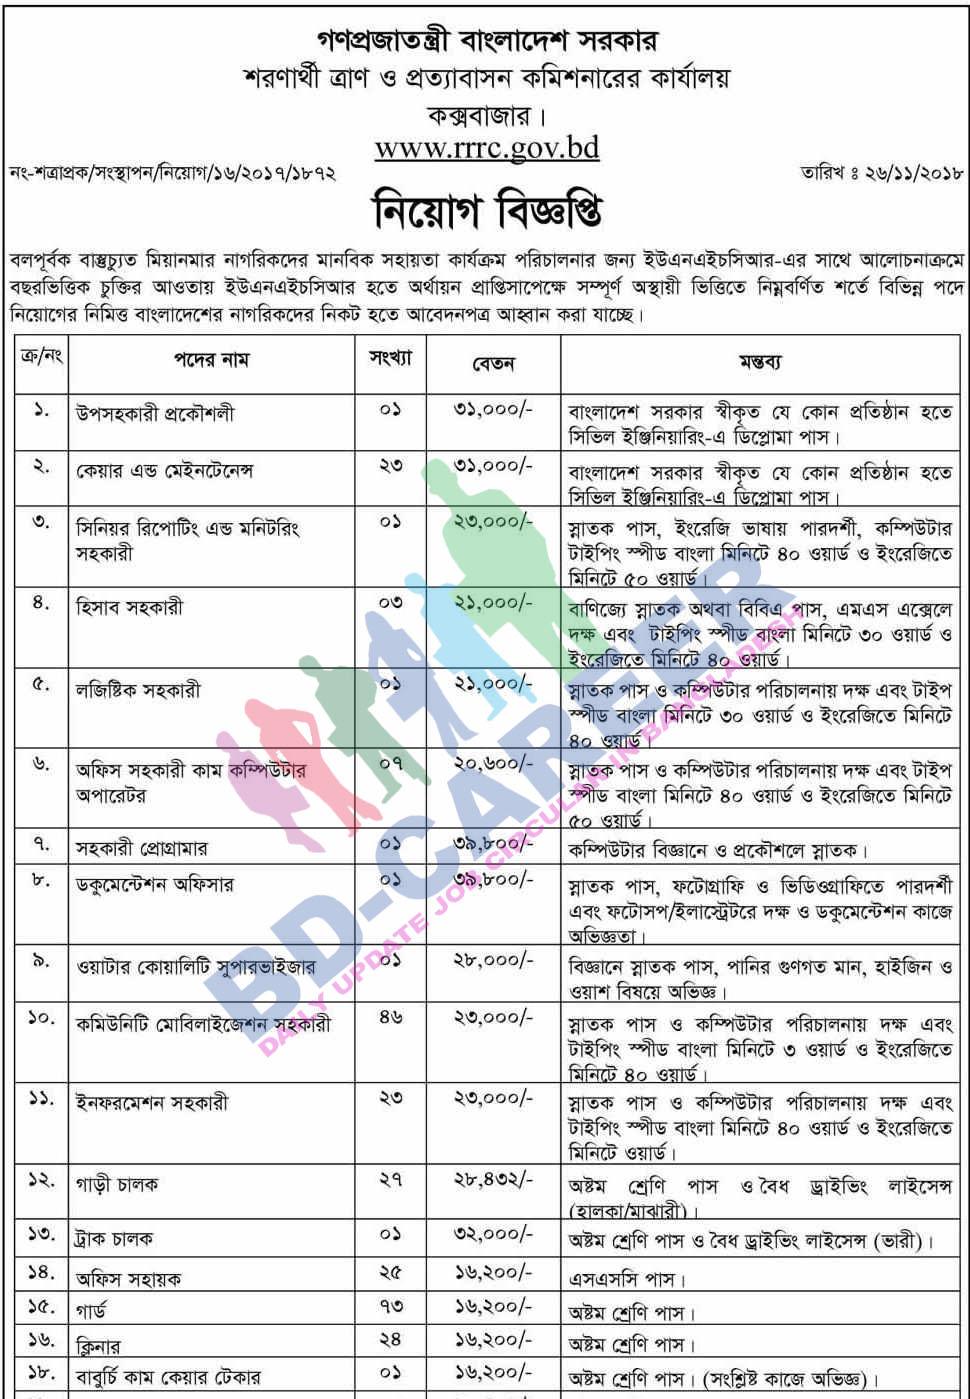 See RRRC Job Circular